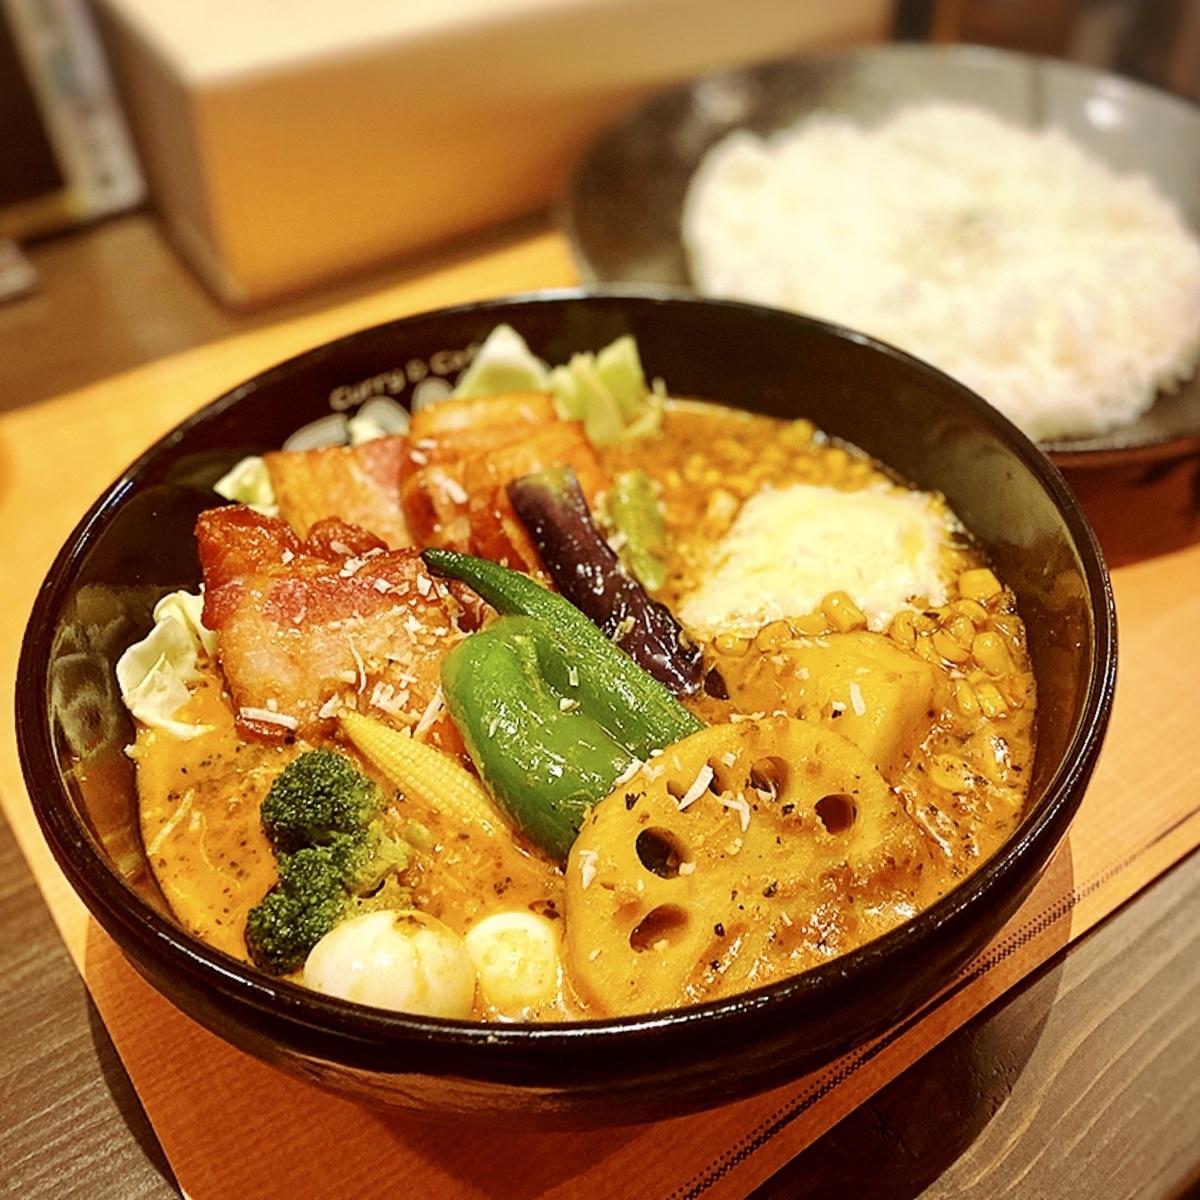 スープの甘みがまろやか!「SAMA 吉祥寺」のパリパリチキンのスープカレー